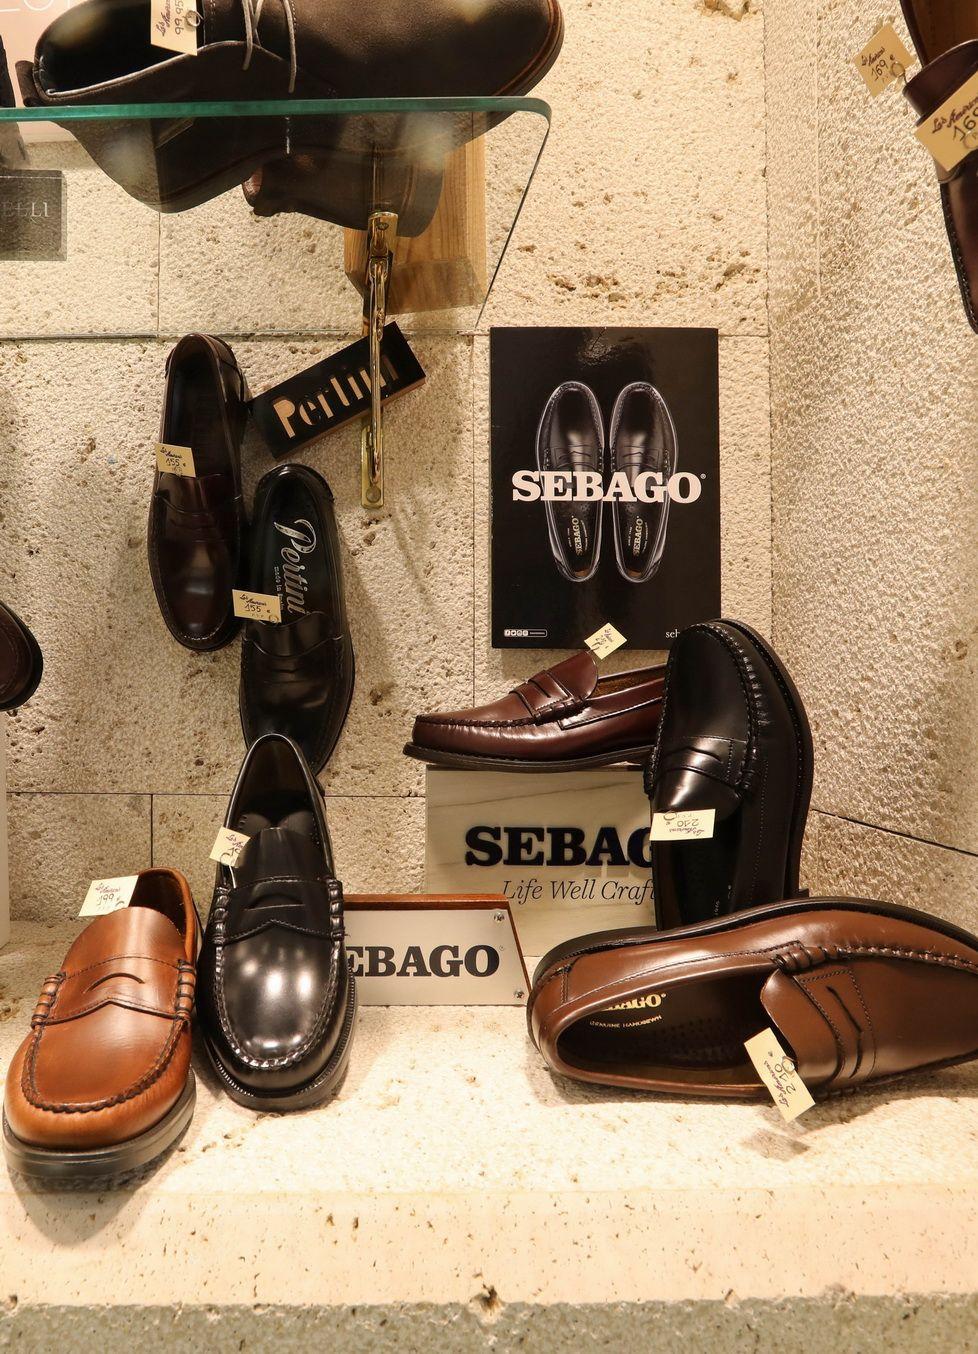 Zapatos Sebago